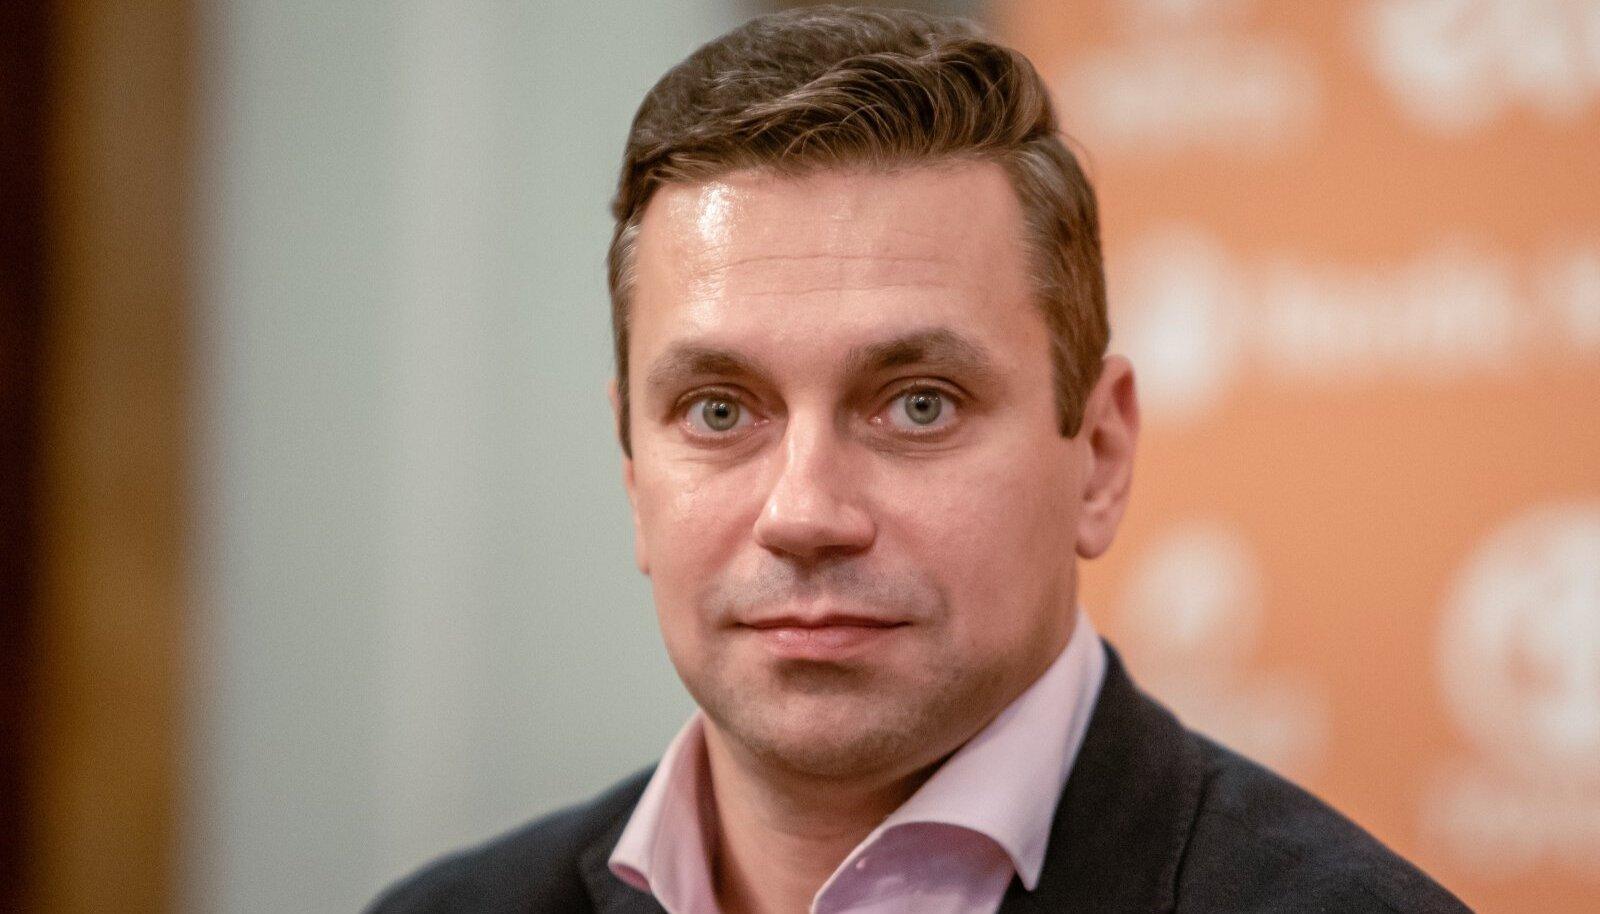 ANDREI TITOV